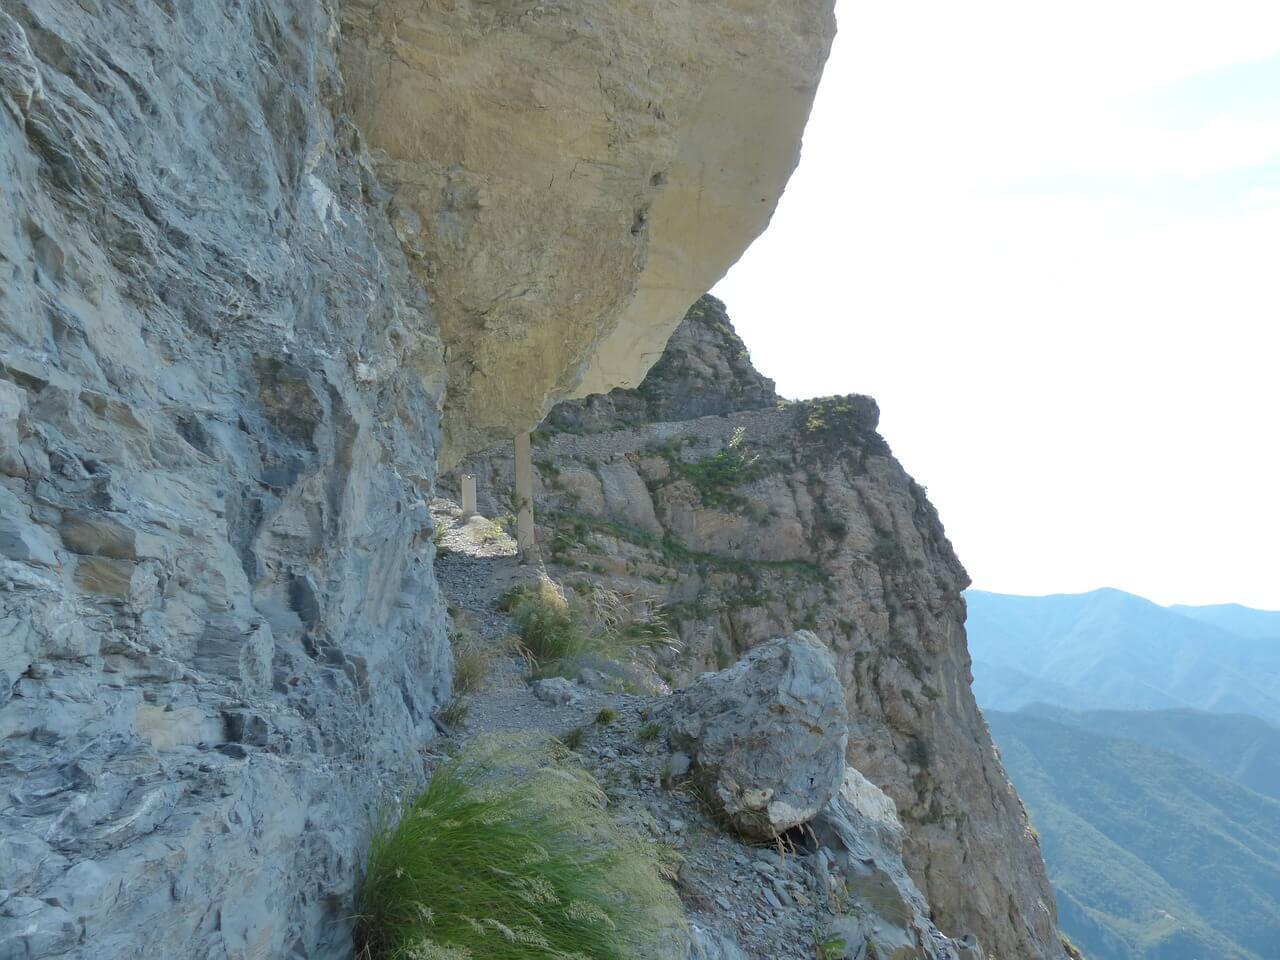 sentiero-degli-alpini-186197_1280